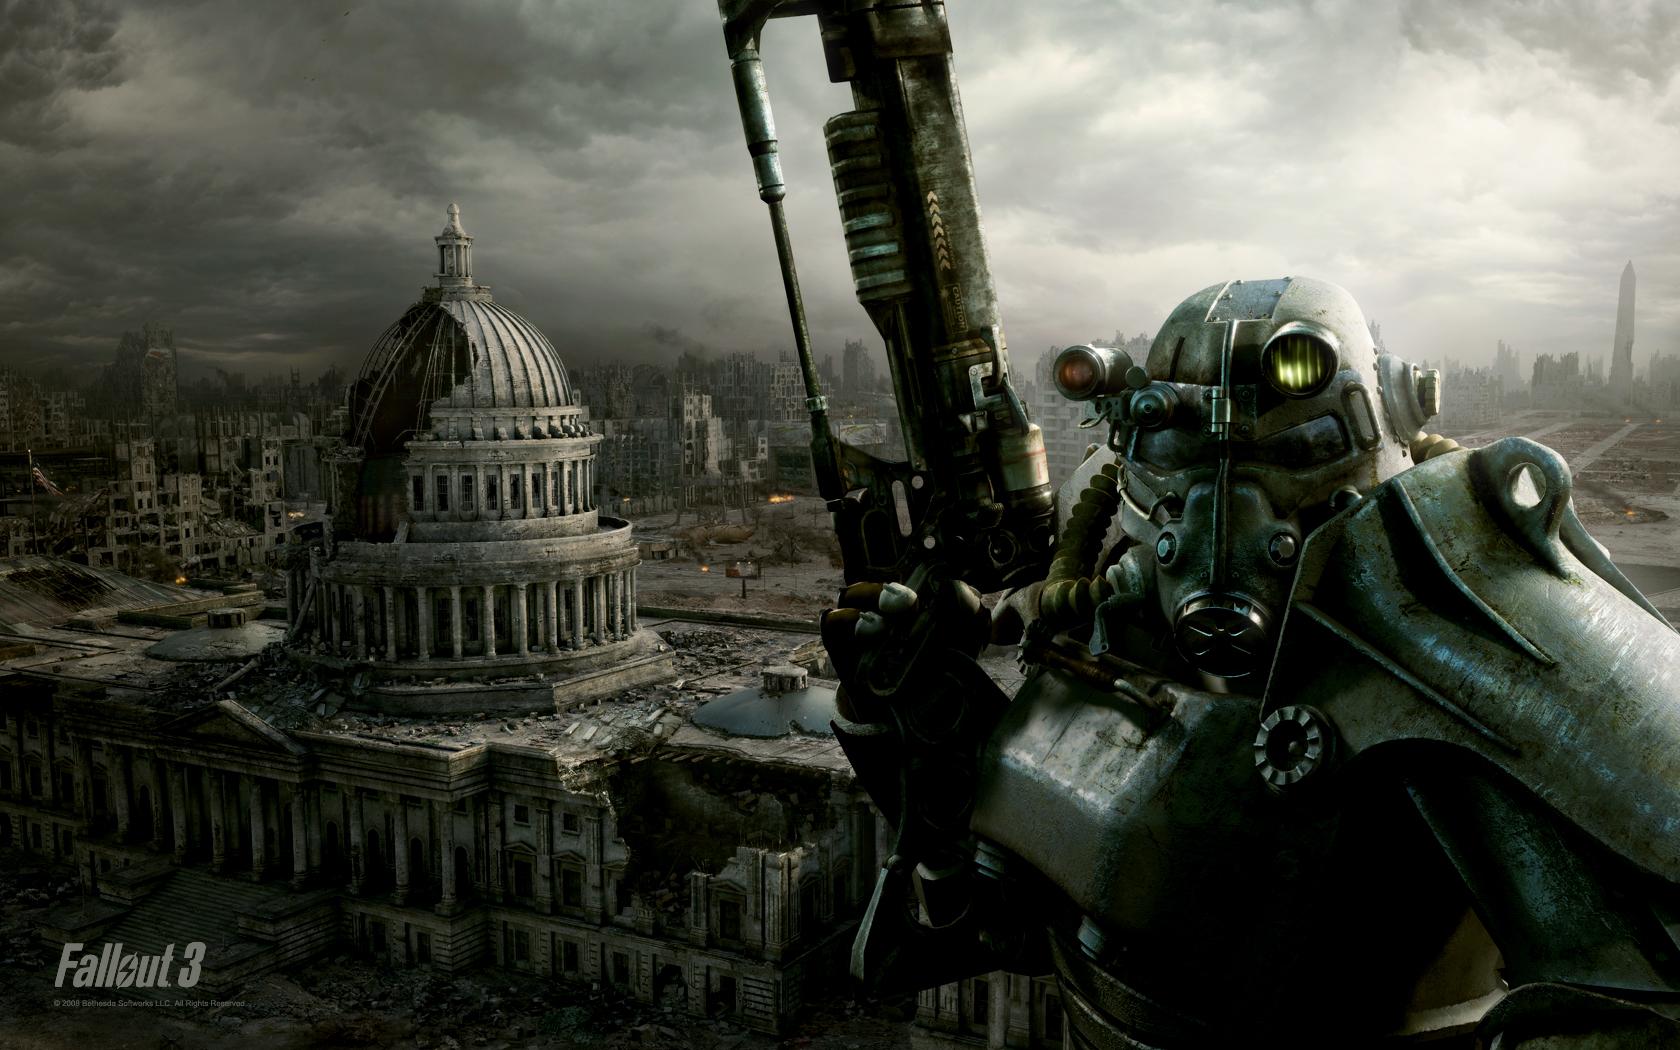 Grafika Fallouta jest piękna w swej brzydocie.